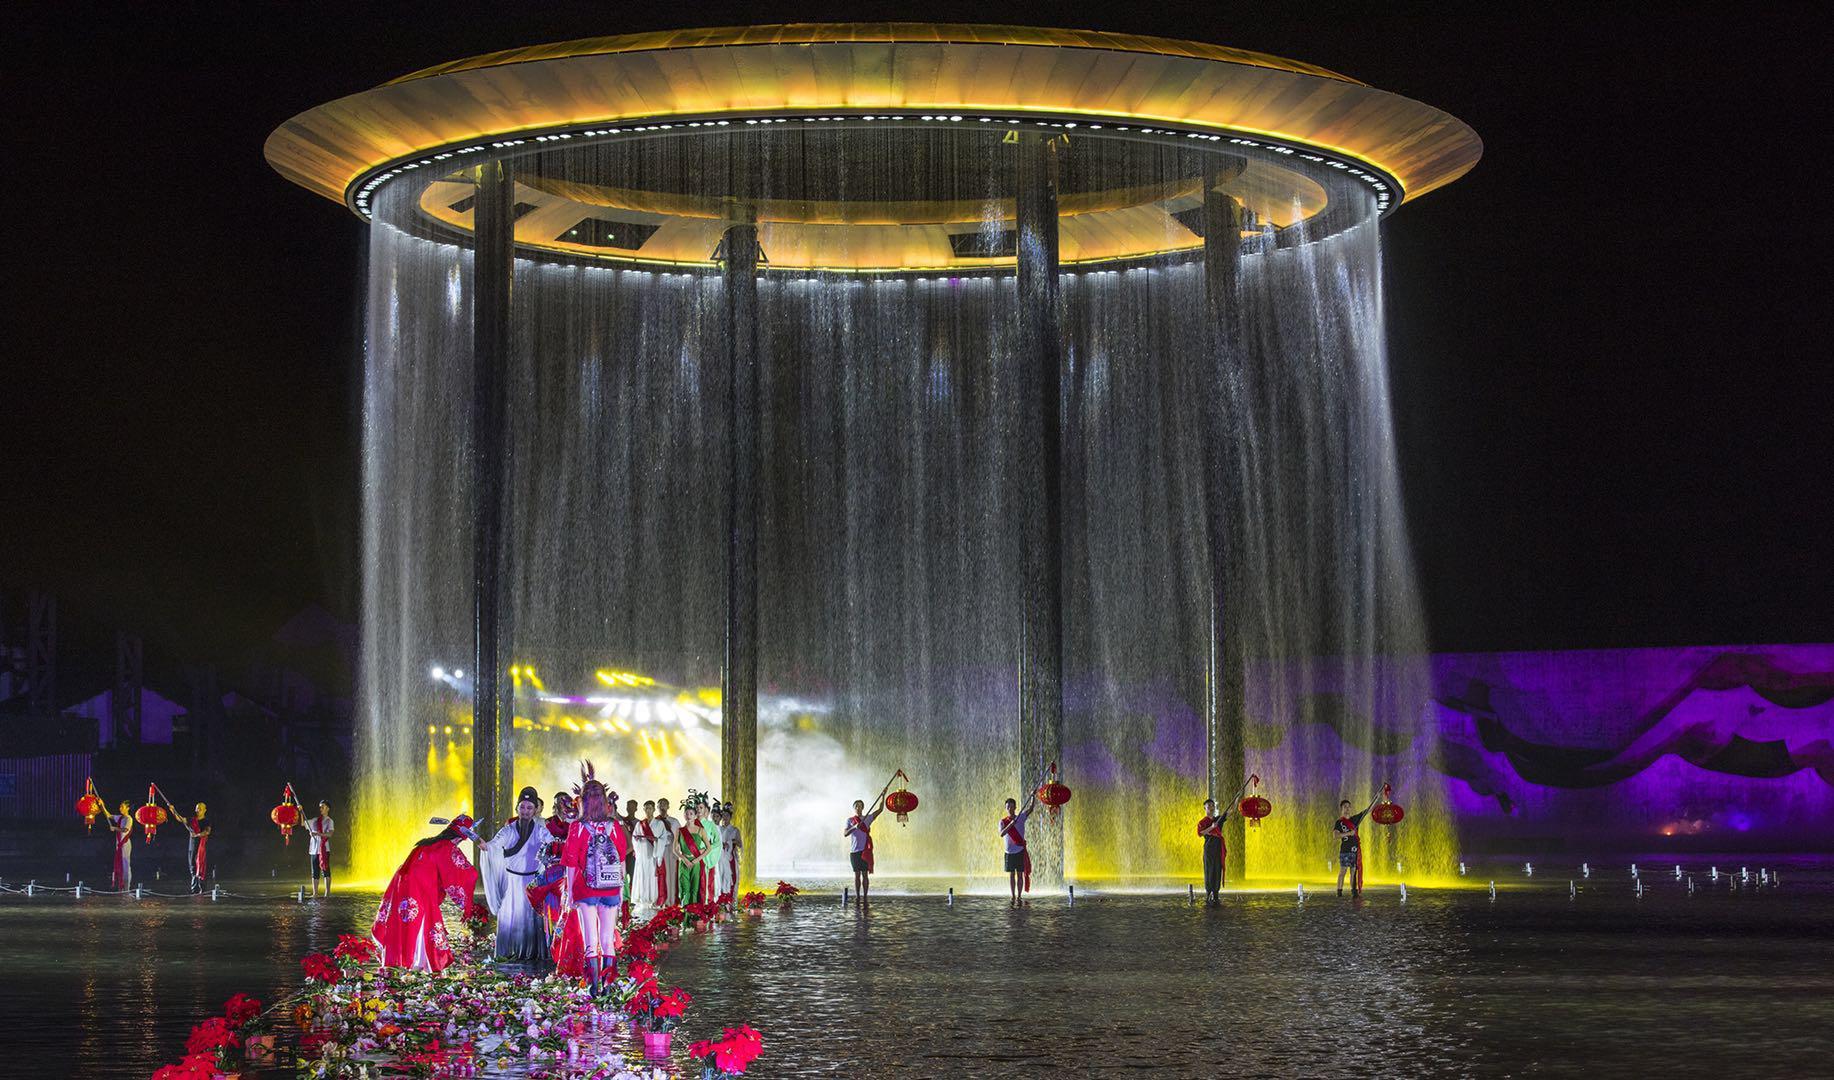 《寻梦牡丹亭》景区按5a级旅游景区进行规划设计,景区白天可作为主题